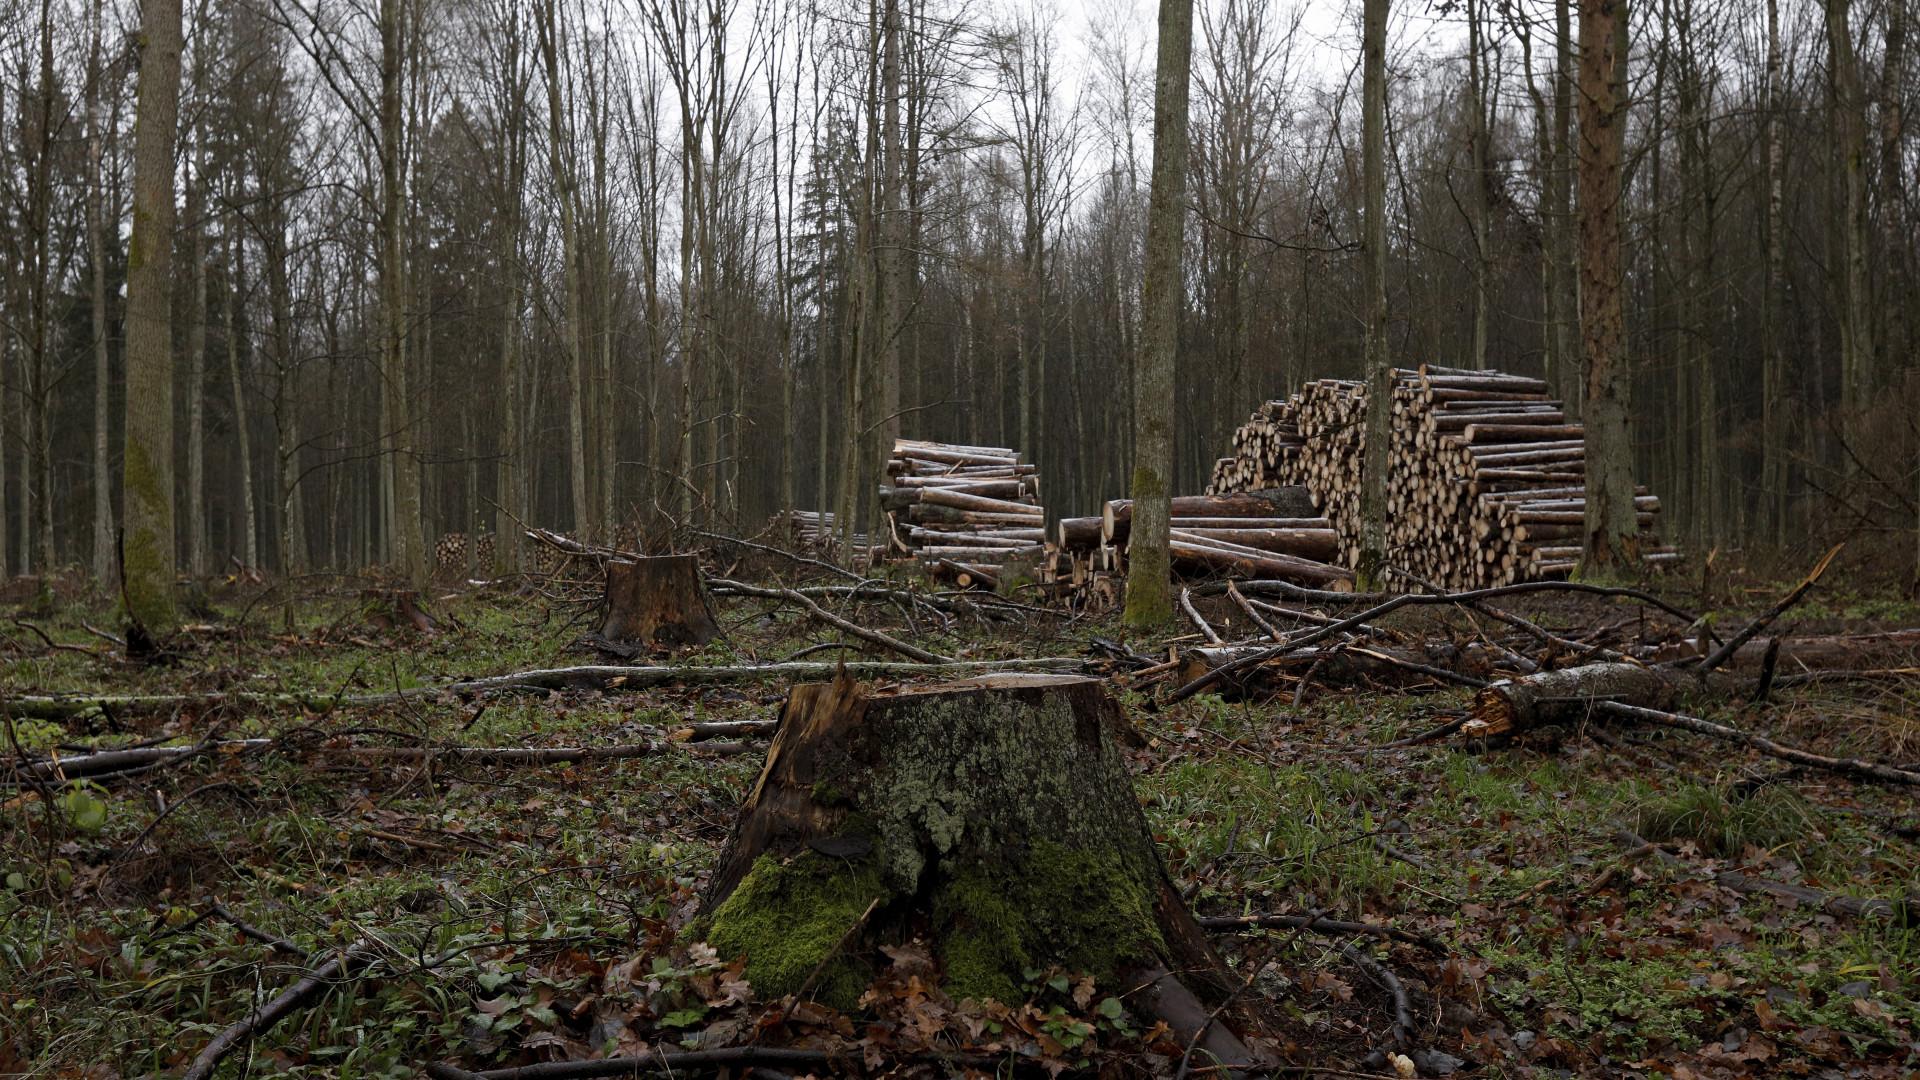 Tribunal Europeu condena Polónia por intervenção em floresta milenar